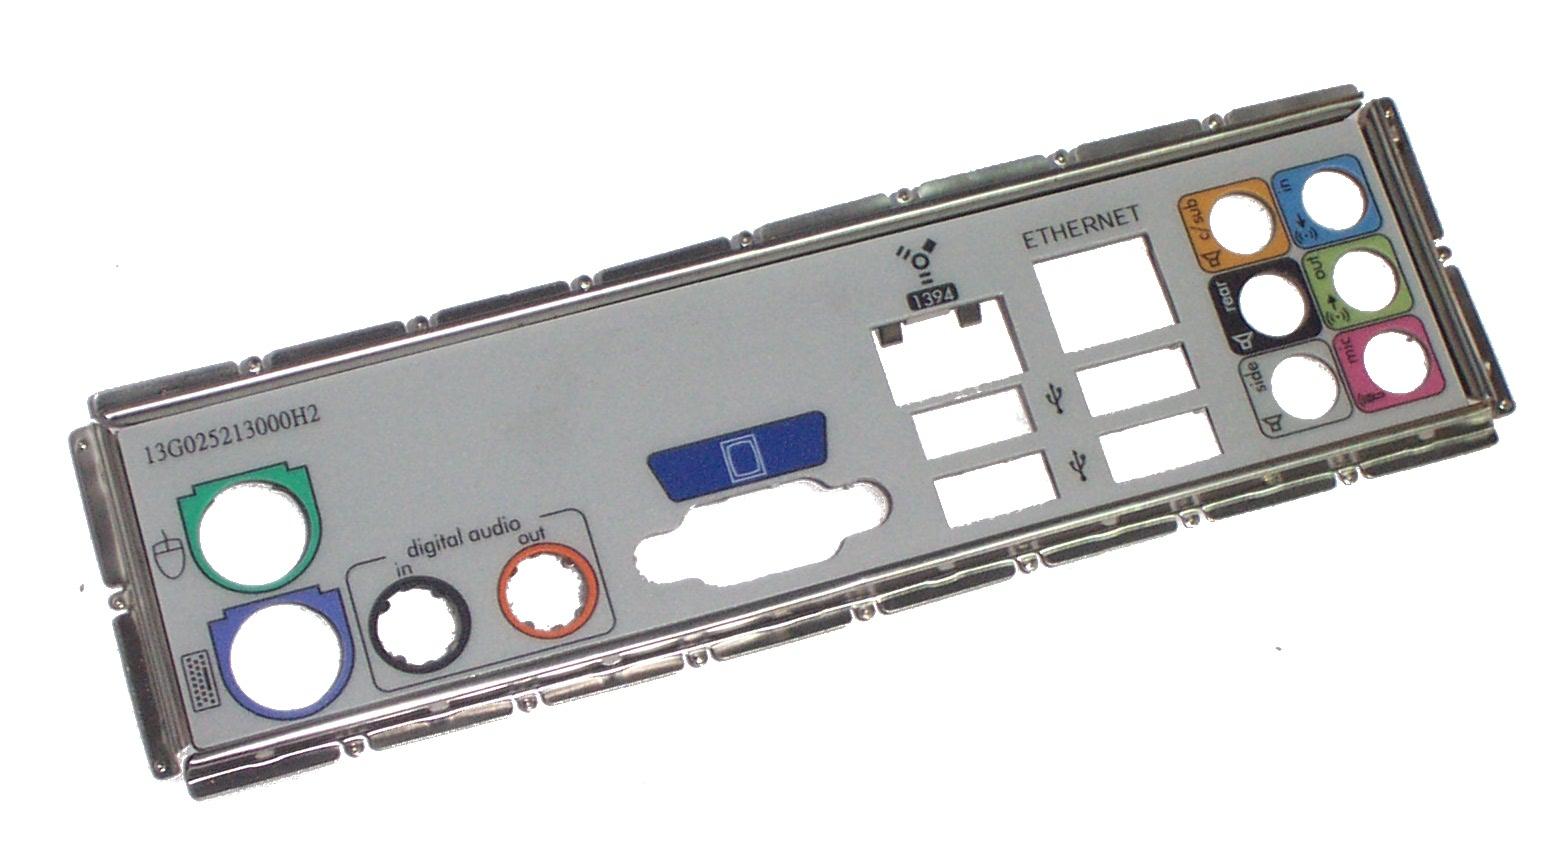 HP 5003-1021 Presario SR5079UK Motherboard IO Shield 13G025213000H2